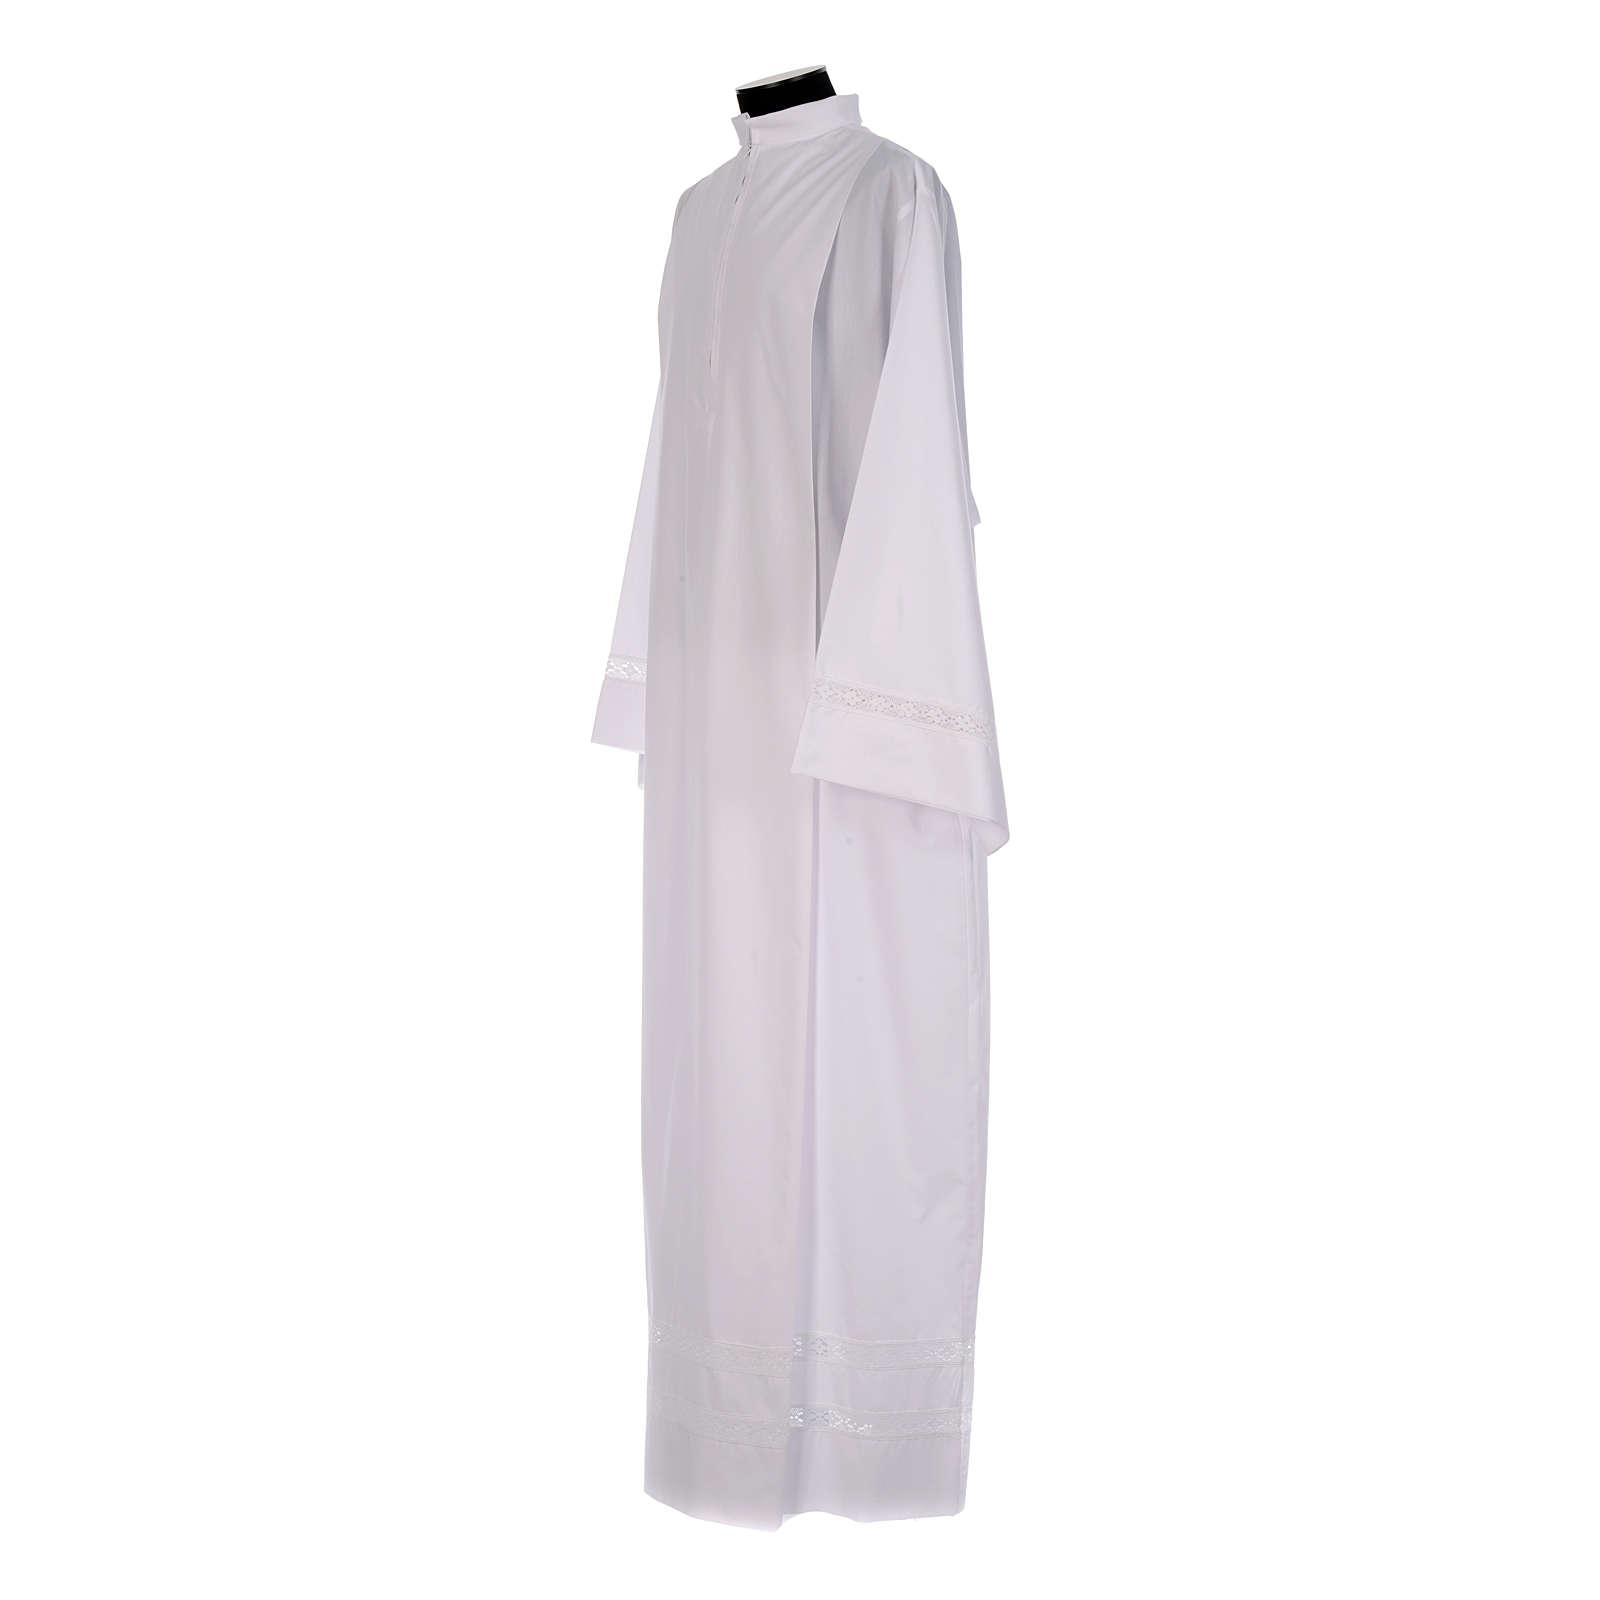 Alba blanca pliegues y punta de algodón en el fondo y mangas algodón mixto 4